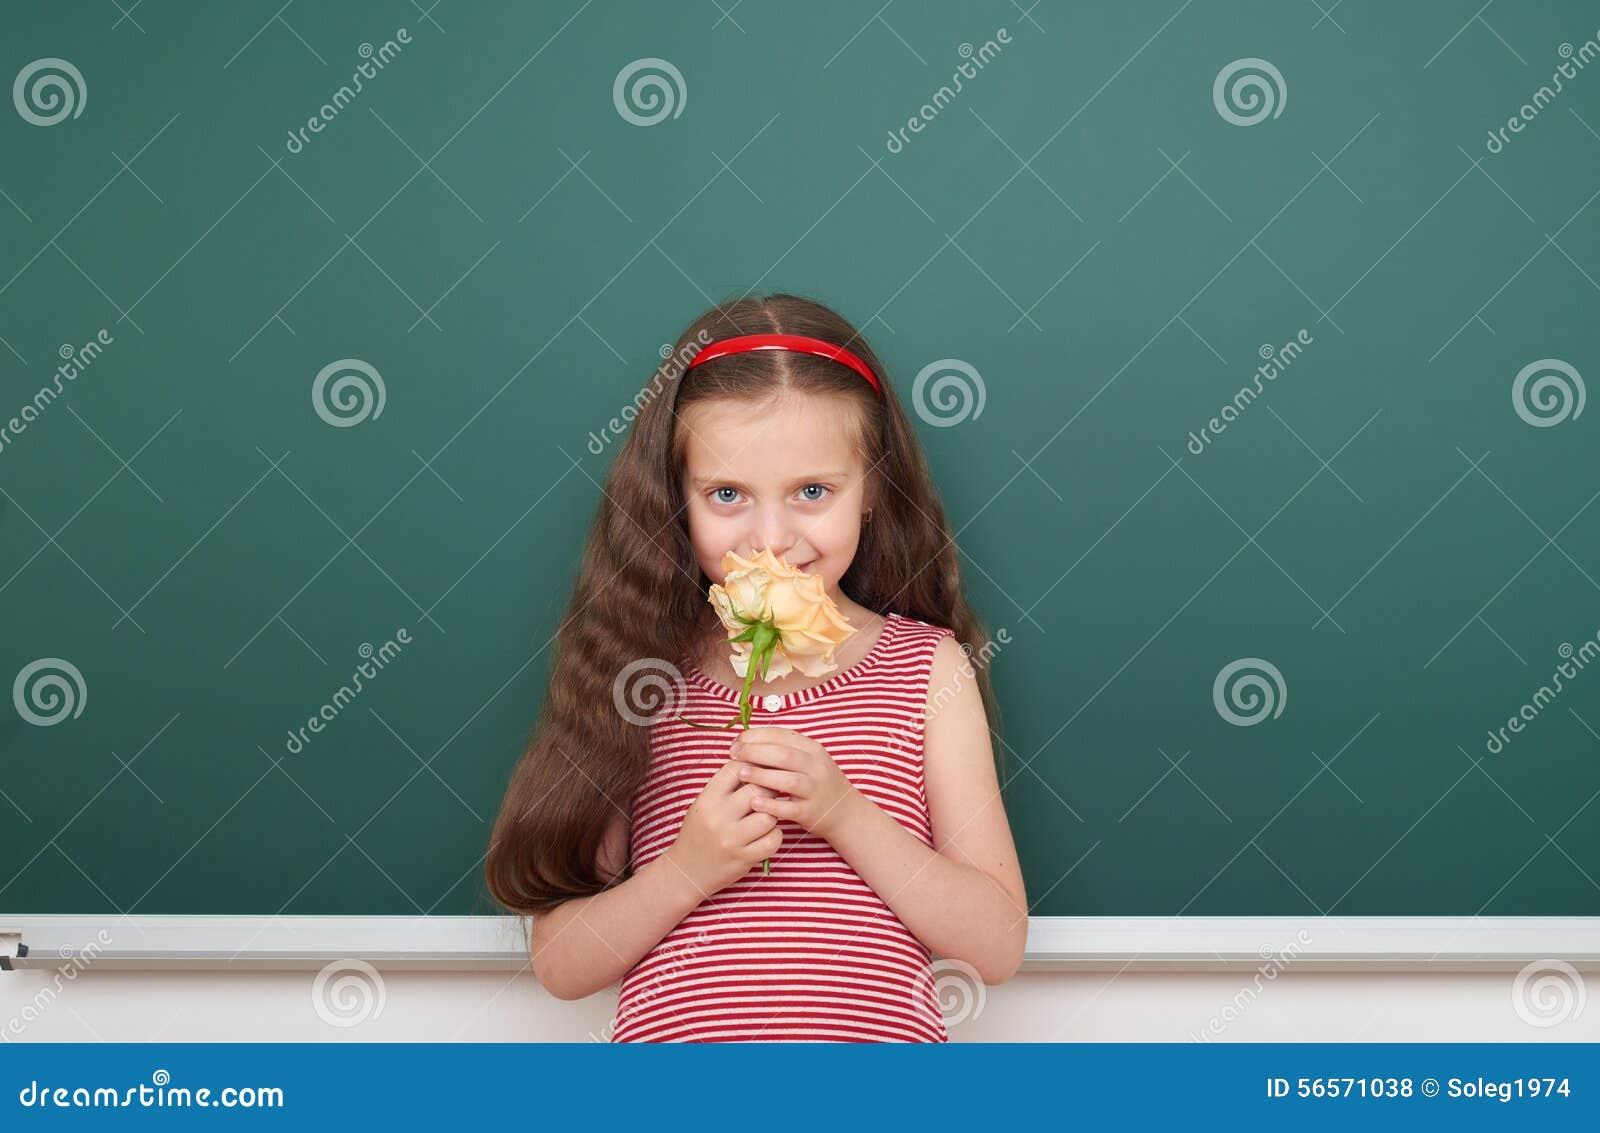 Download Κορίτσι με το ροδαλό λουλούδι κοντά στο σχολικό πίνακα Στοκ Εικόνες - εικόνα από childhood, τοποθέτηση: 56571038